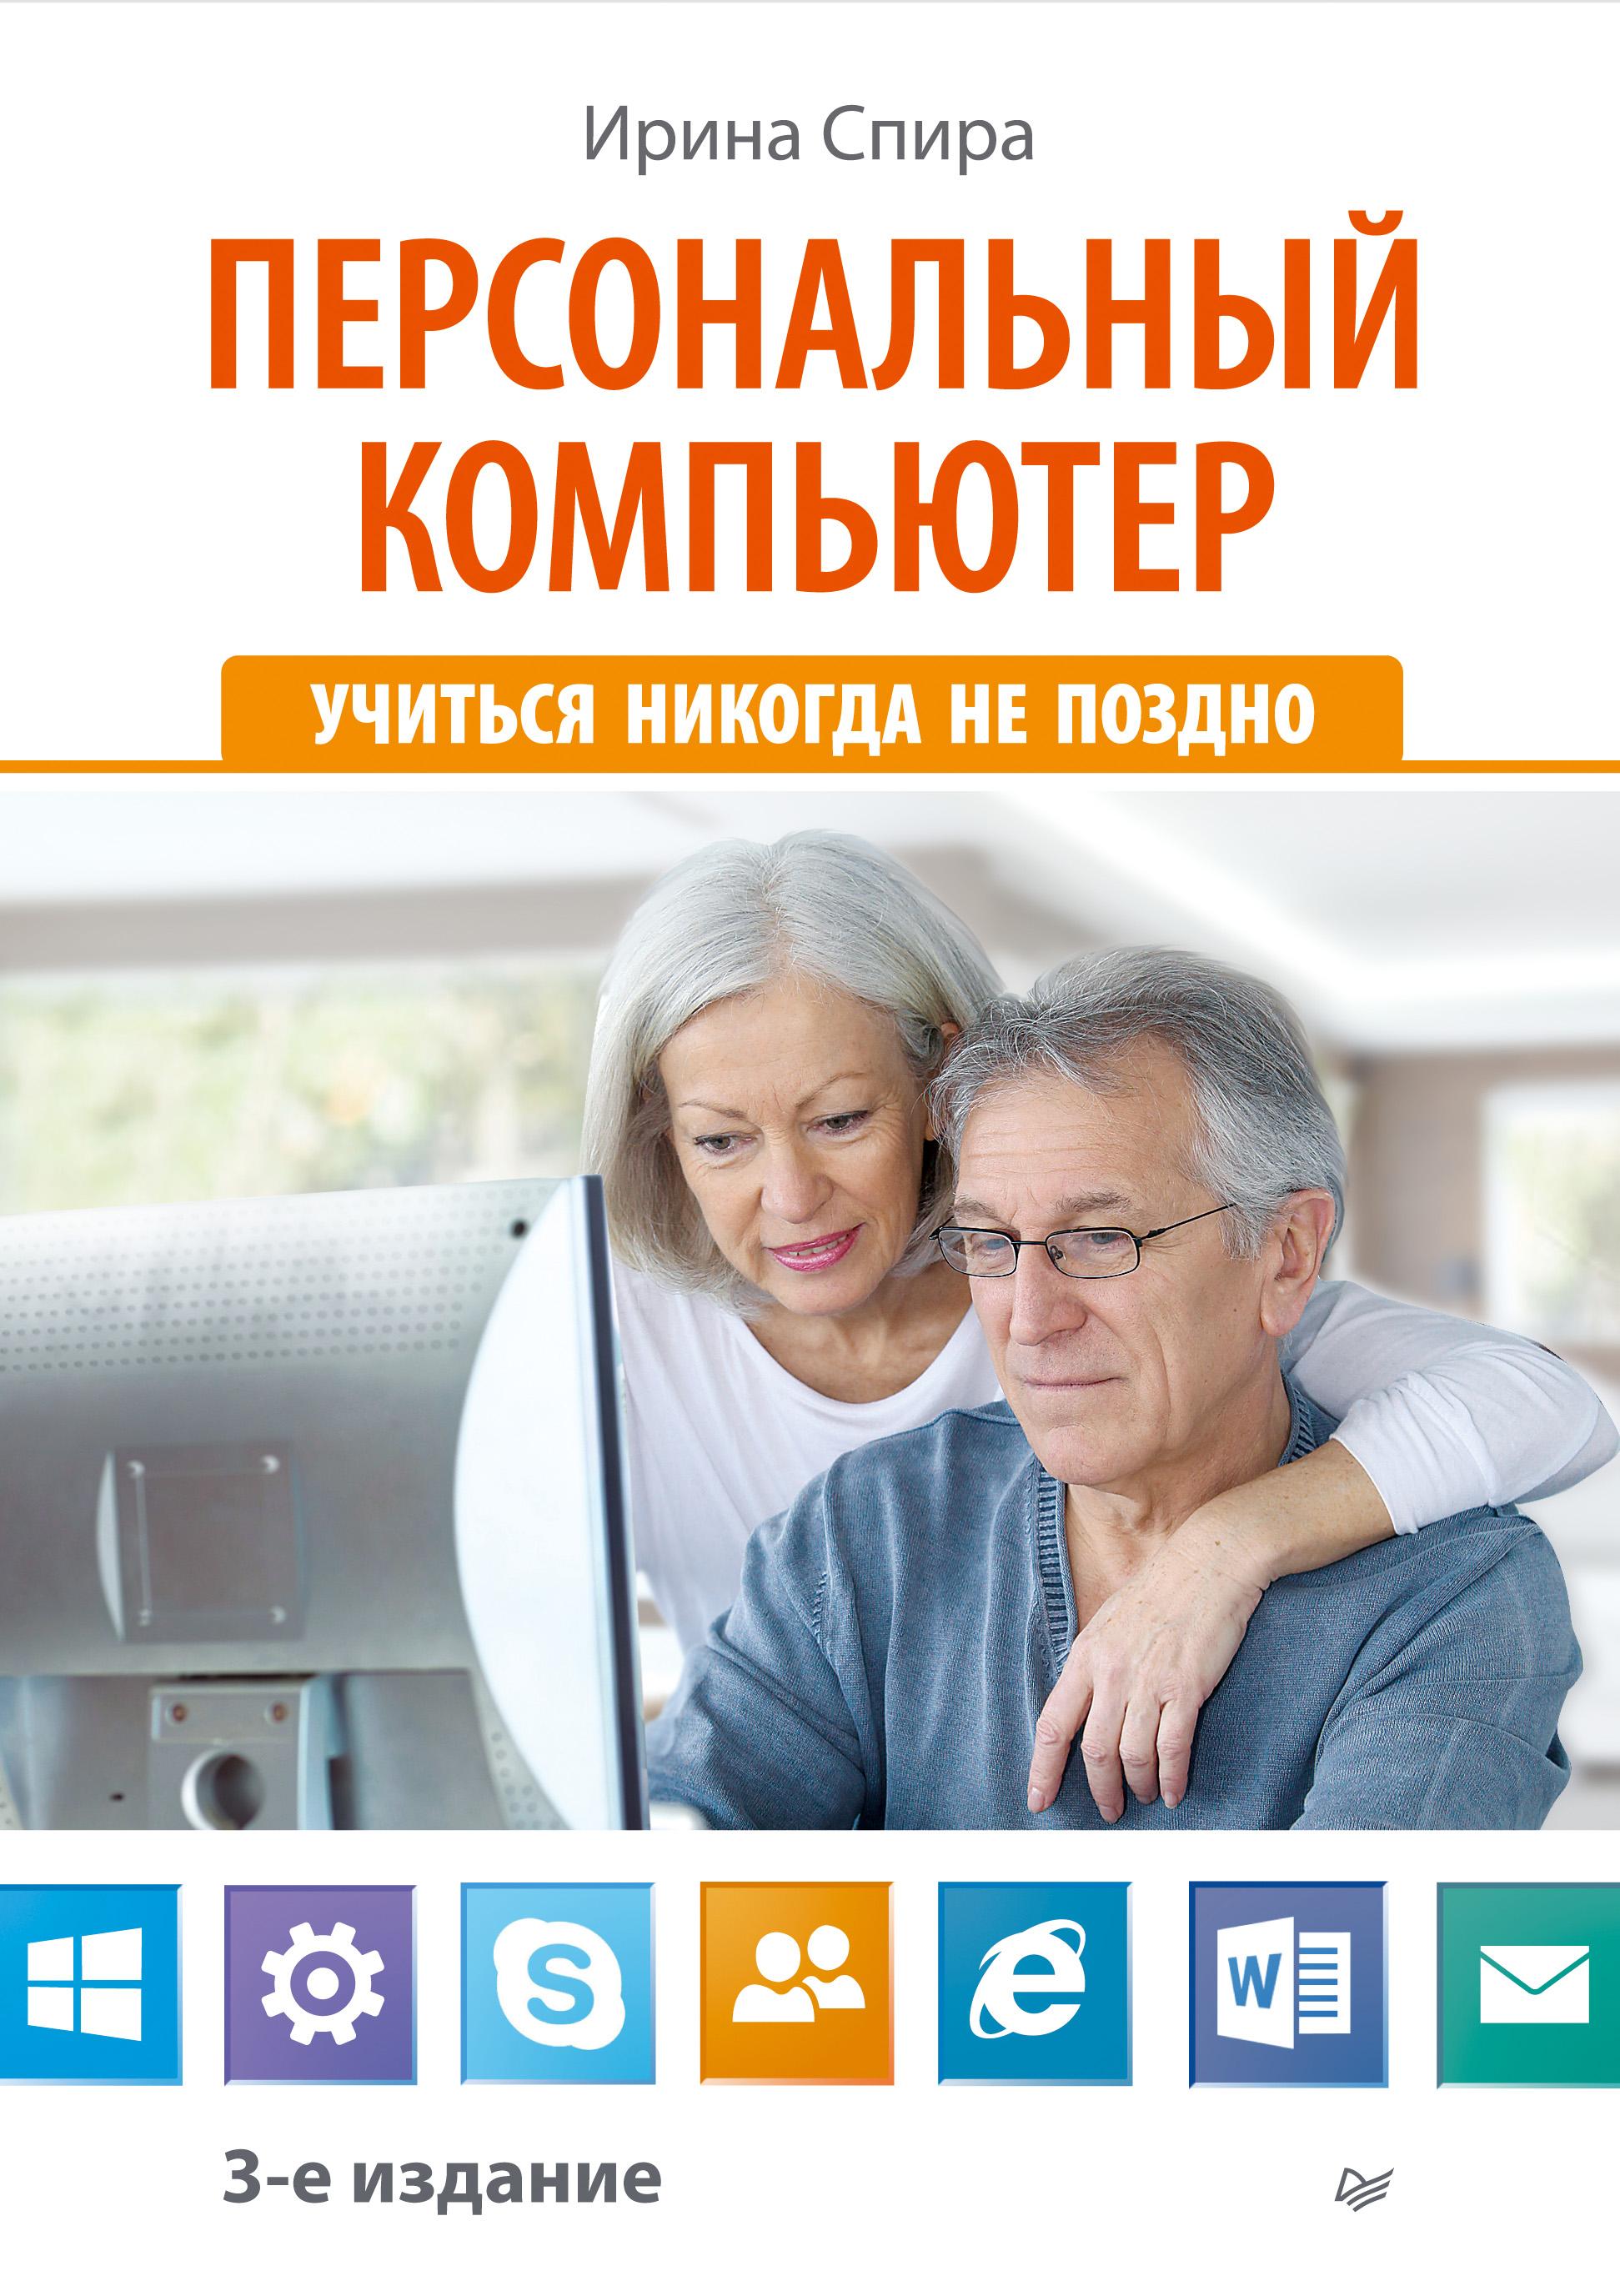 Ирина Спира Персональный компьютер: учиться никогда не поздно (3-е издание)